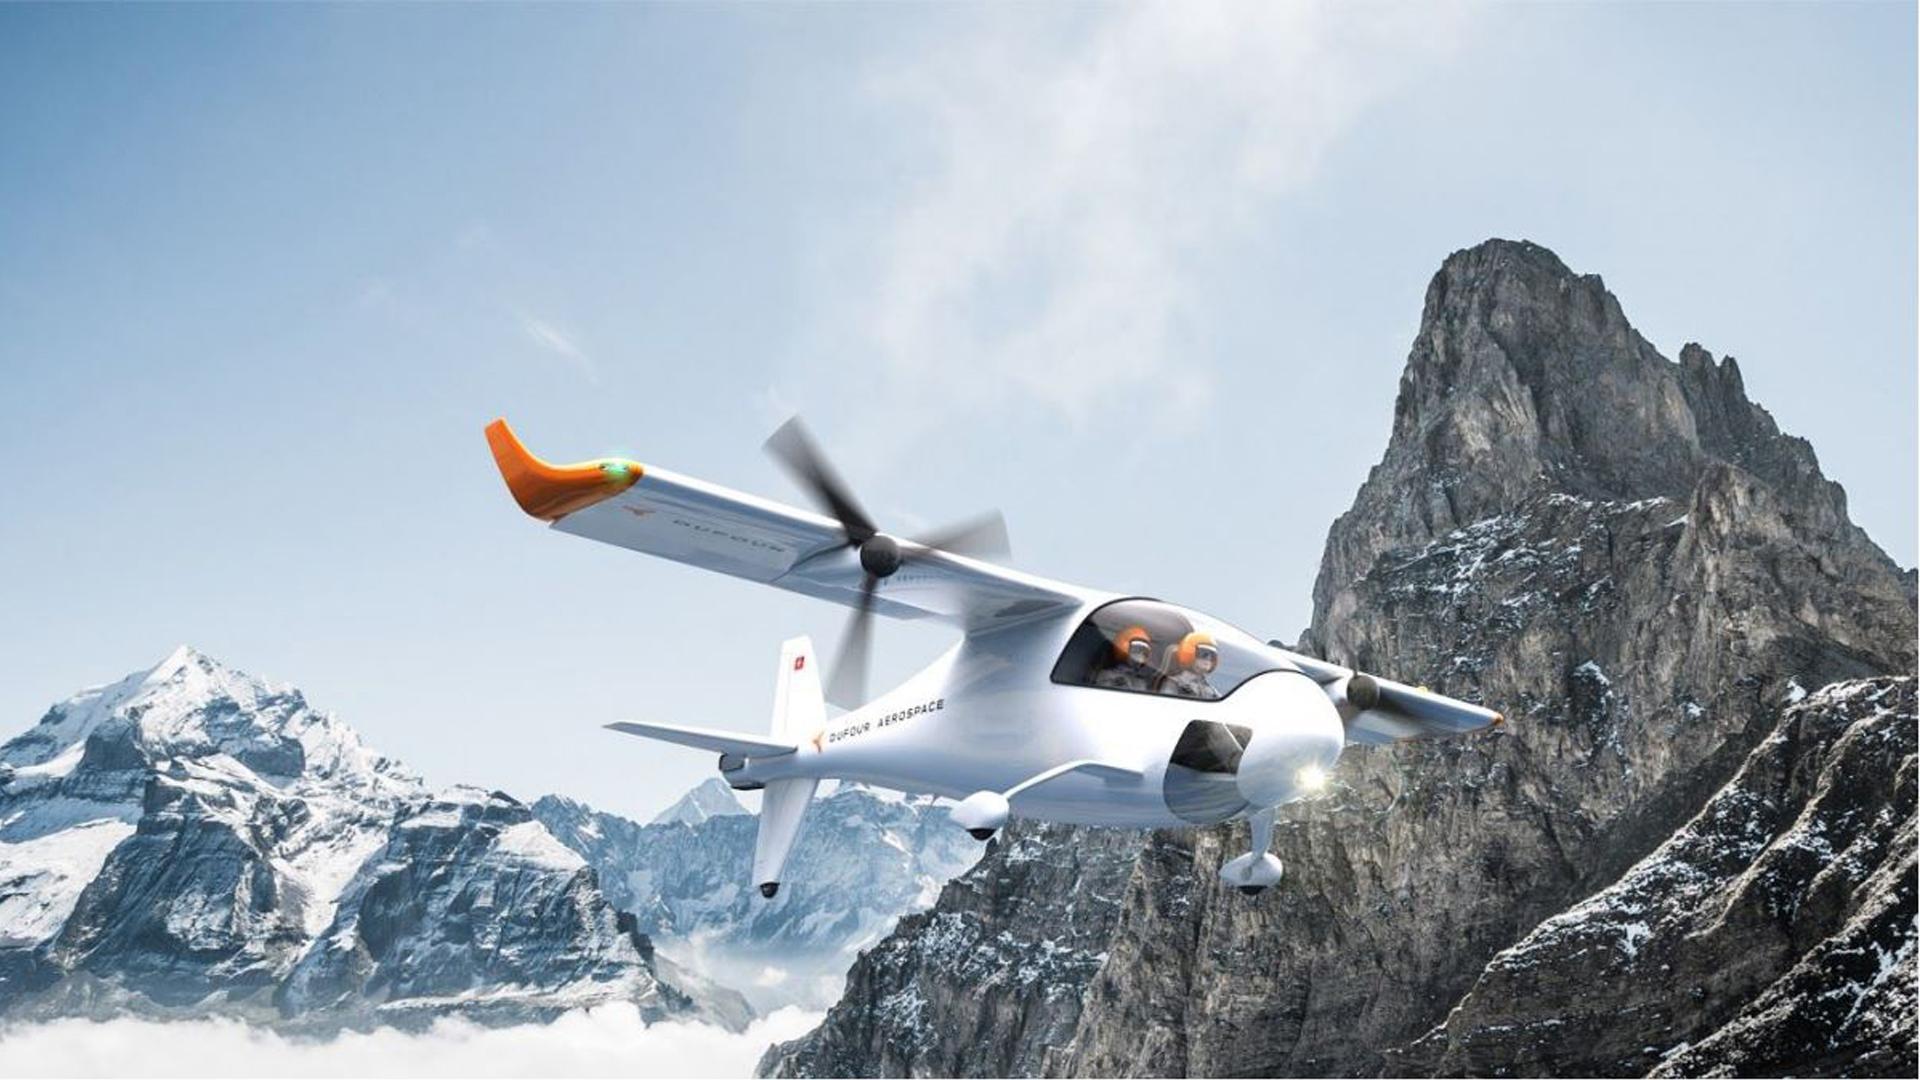 zuerich-visp-oberwalliser-team-bringt-sein-zweites-flugzeug -in-die-luft-88819.jpg